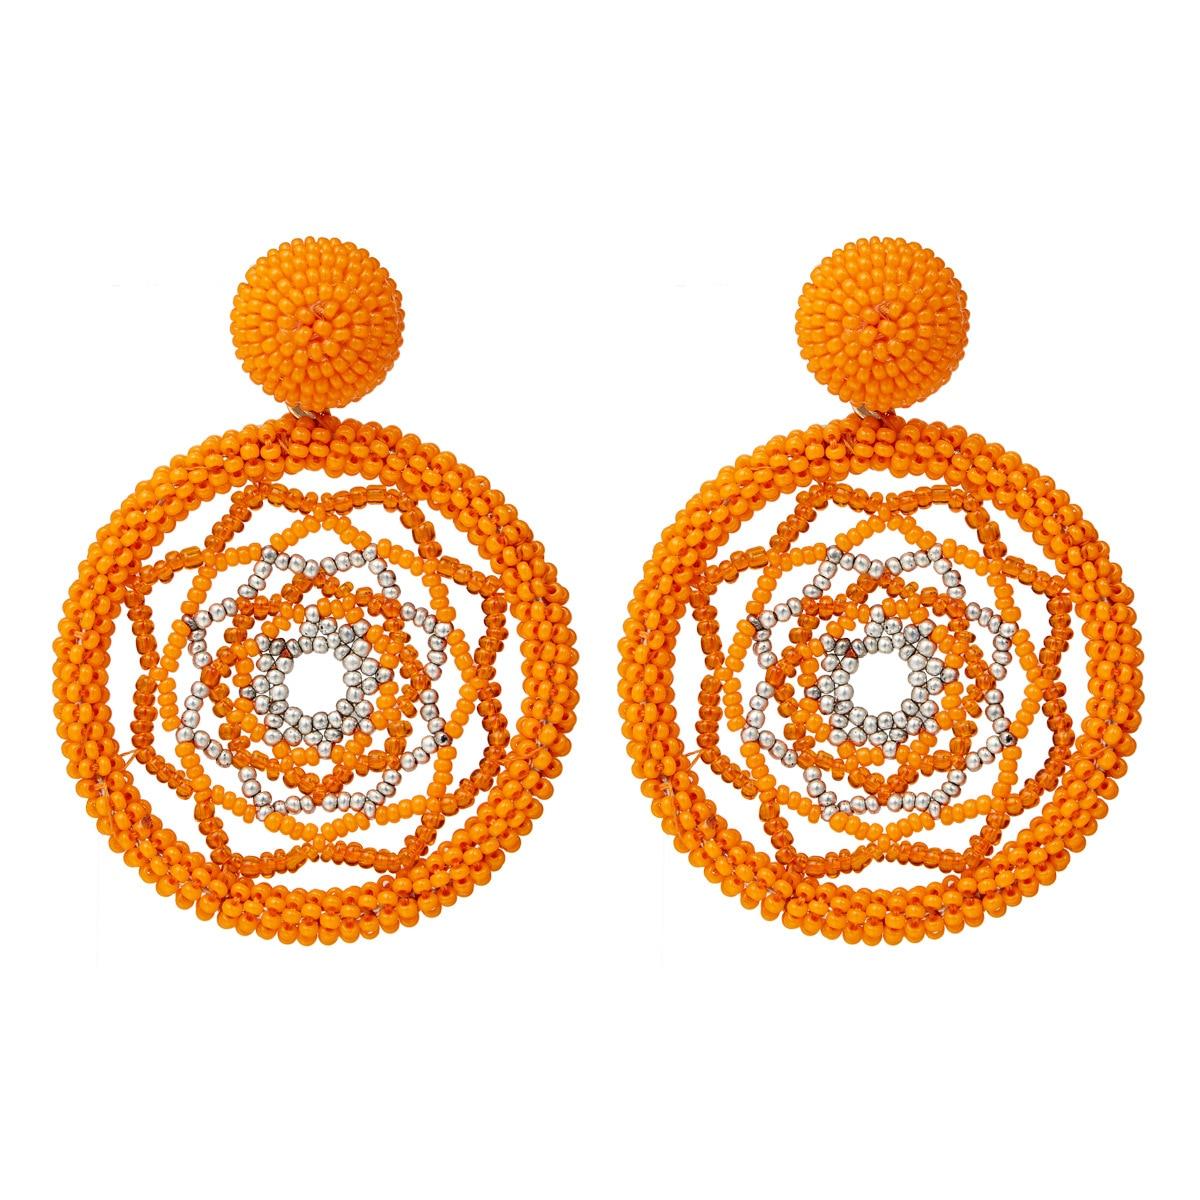 2019 New Round Hollow Beaded Earrings For Women Geometric Pattern Eyes Handmade Drop Earrings Bohemian Statement Trendy Jewelry in Drop Earrings from Jewelry Accessories